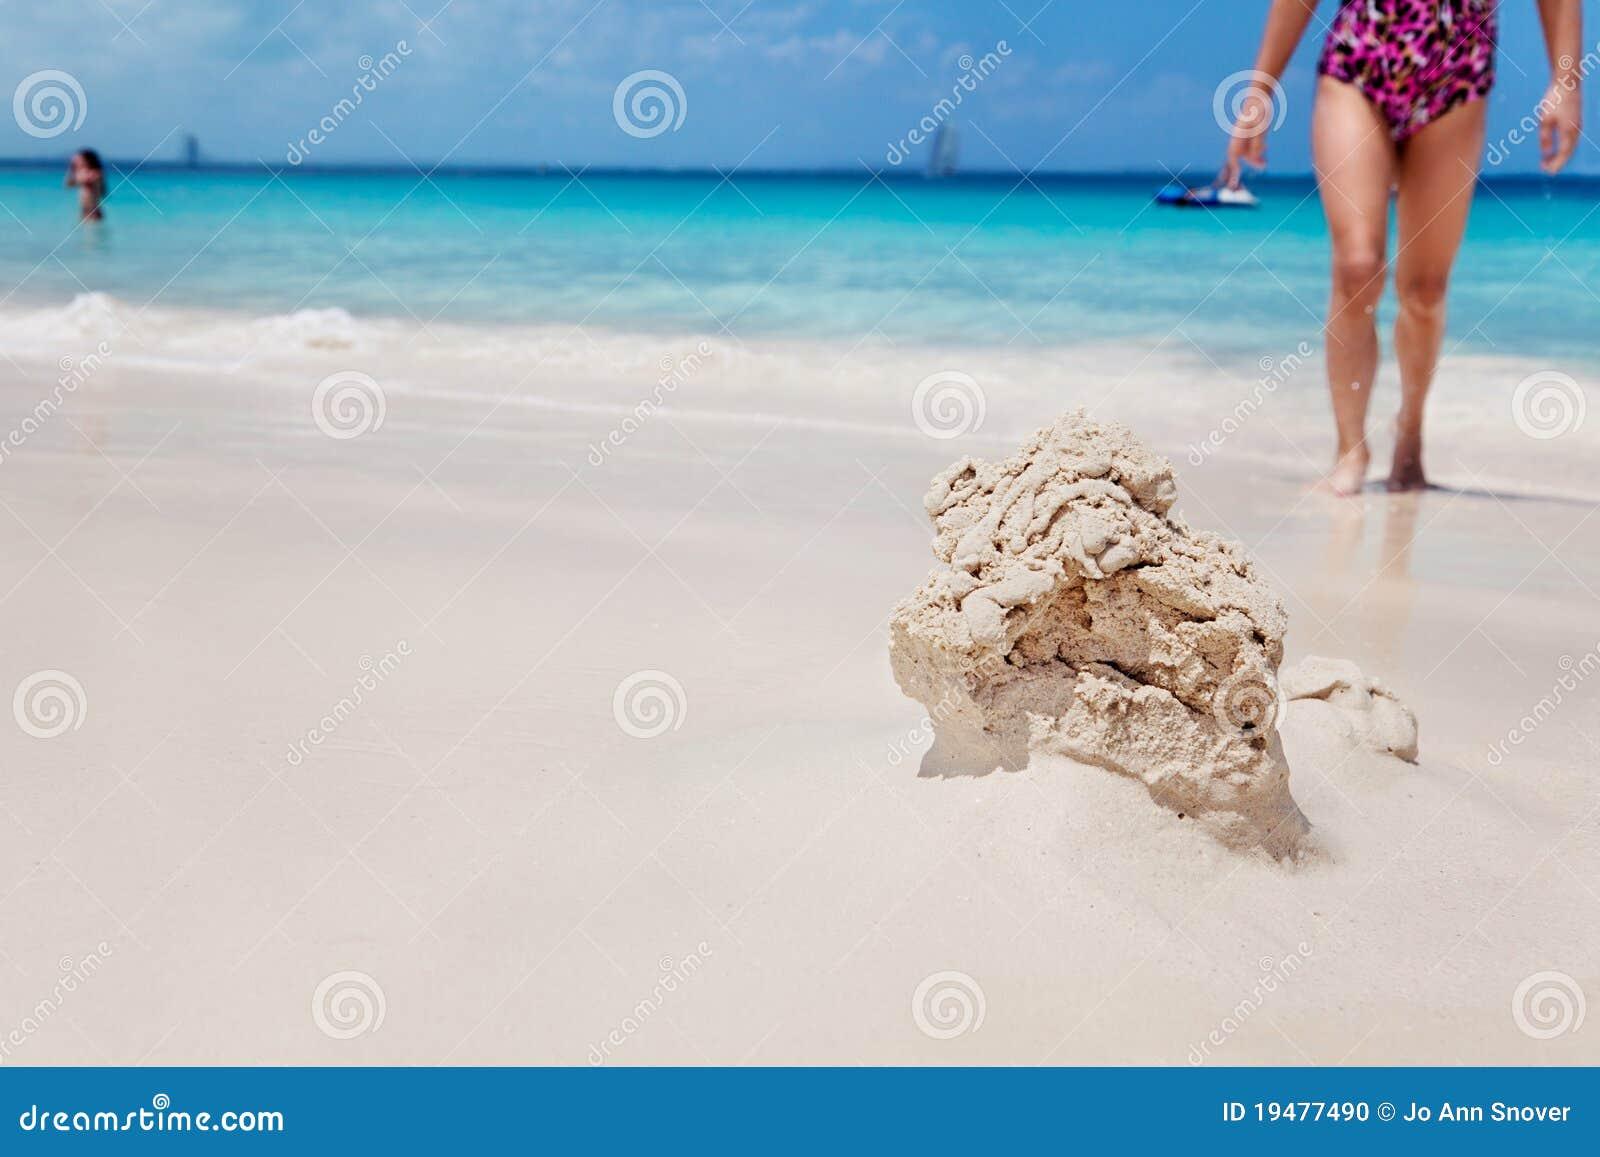 La chica joven vuelve al castillo de arena que desmenuza